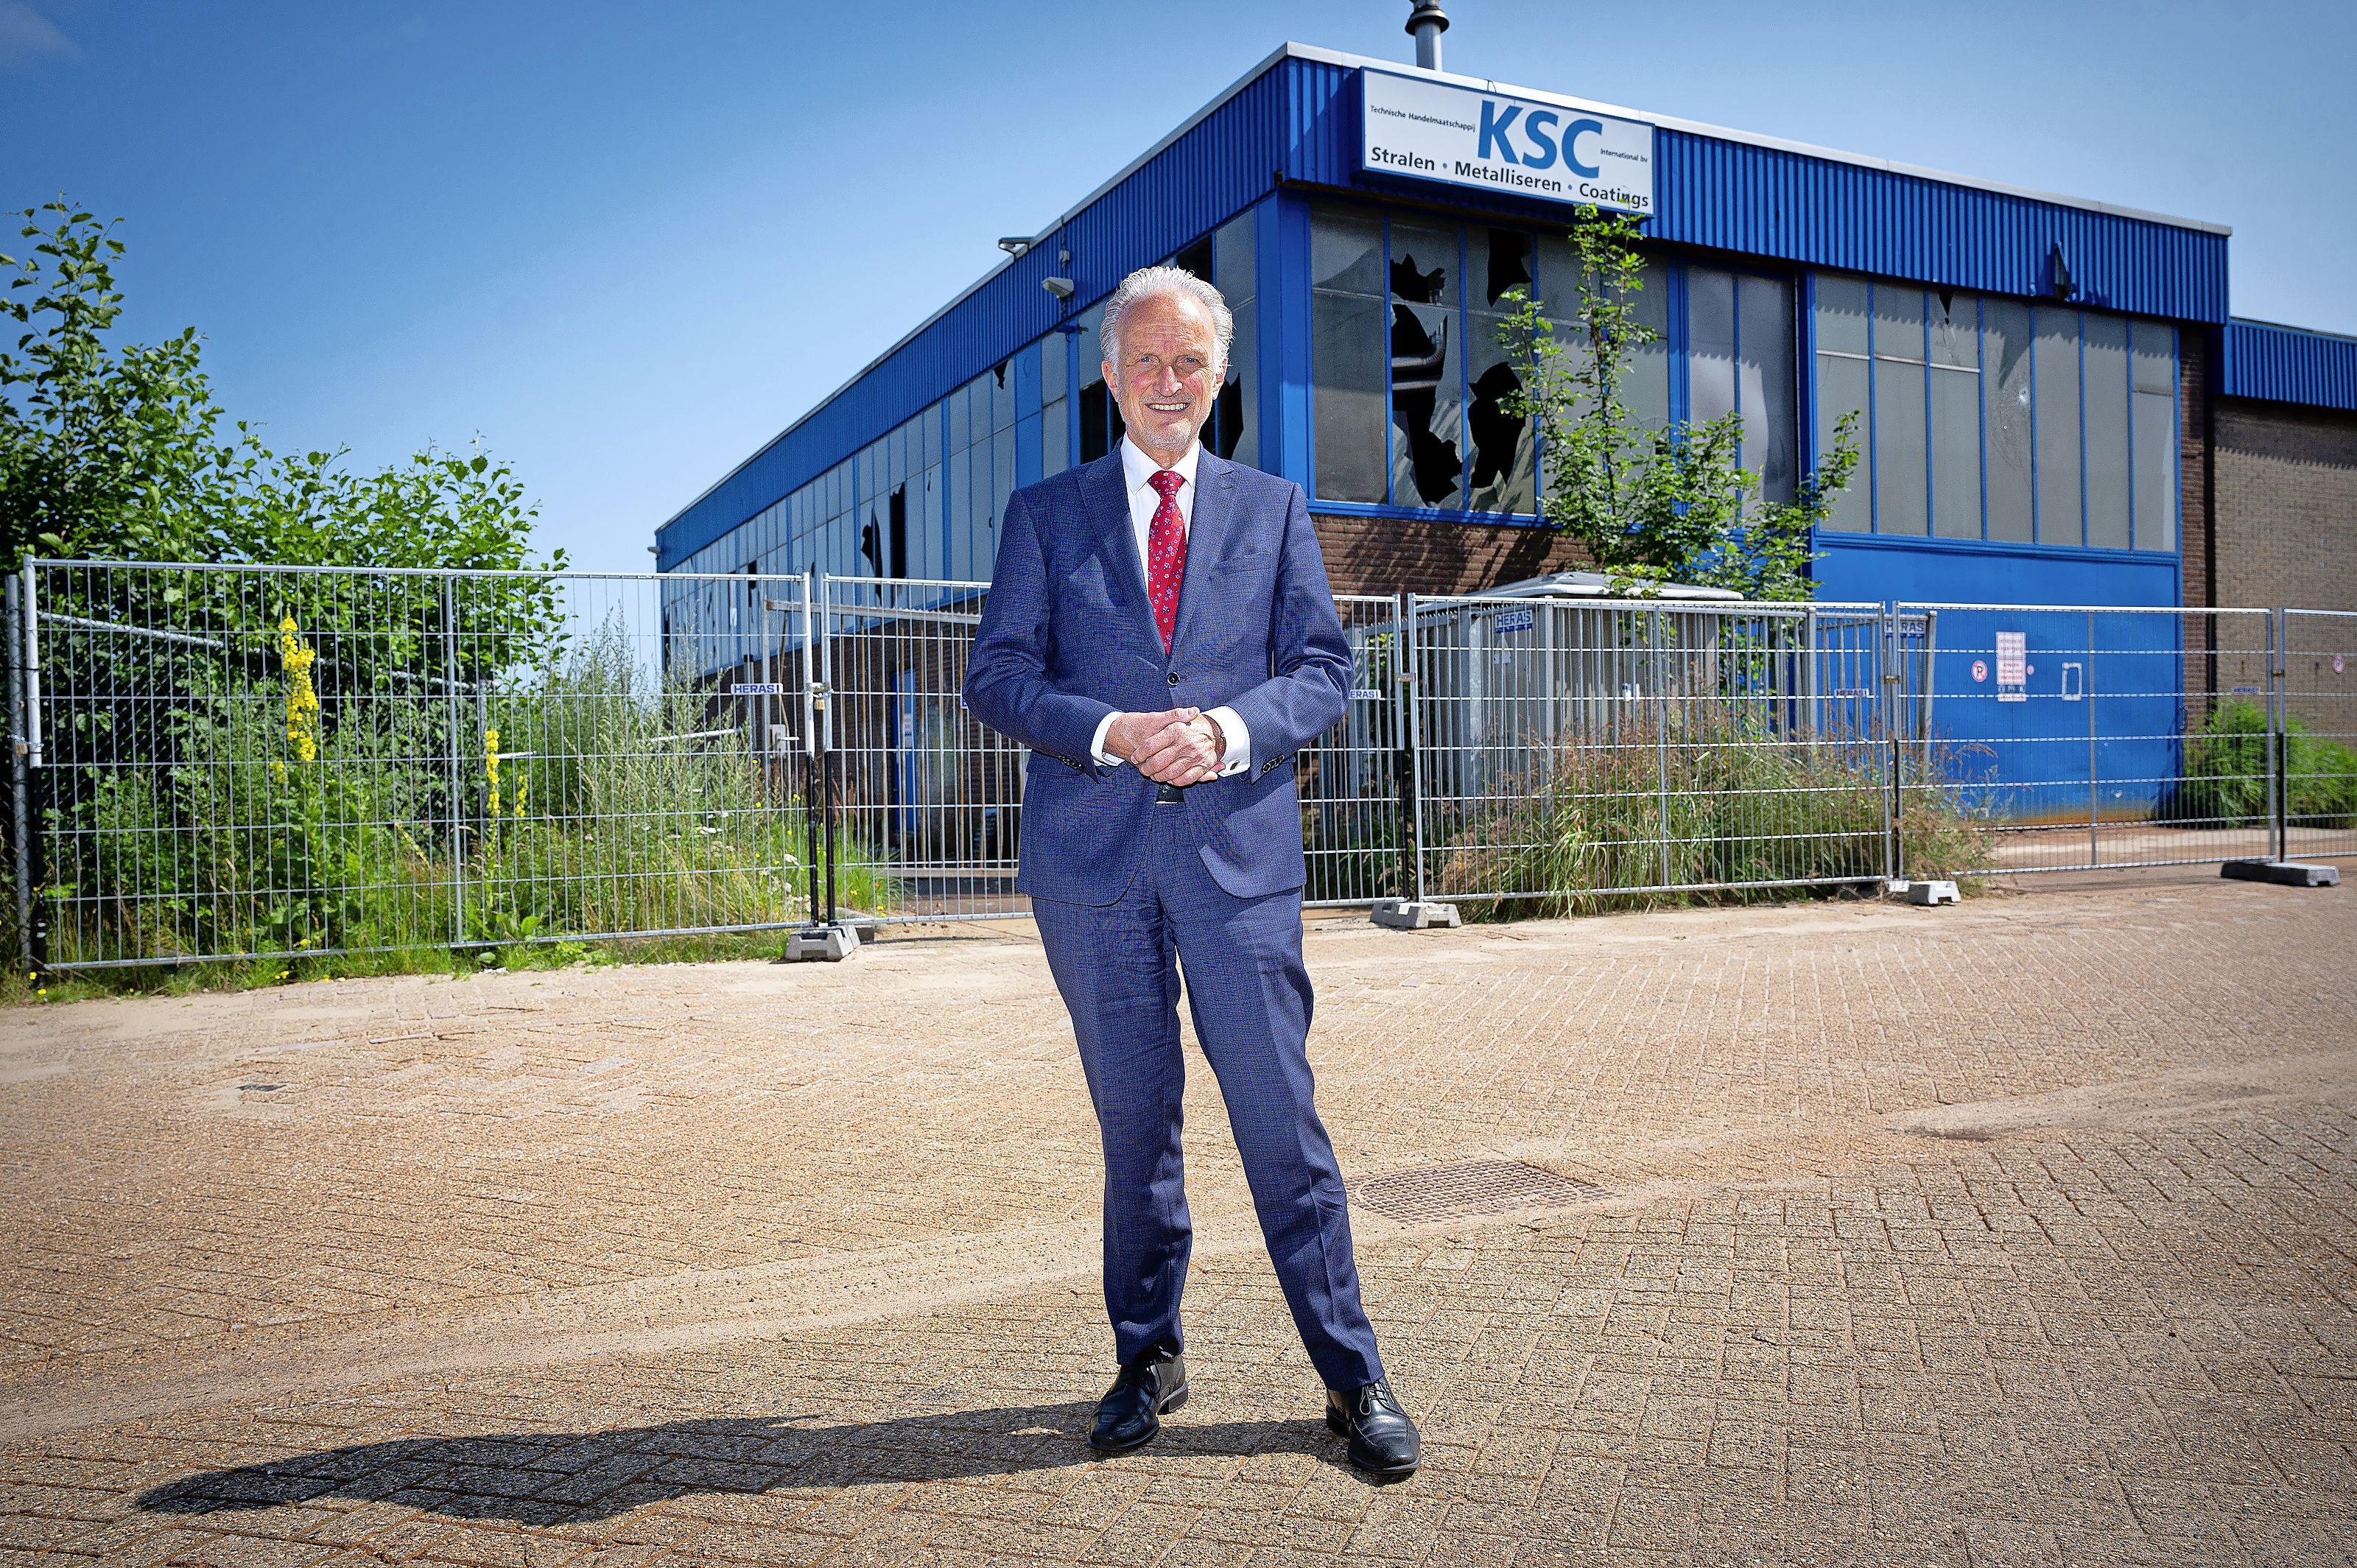 Woningbouw in Waterland volgens Rotterdams recept; nieuwe wethouder Theo van Eijk wil 'stappen zetten'